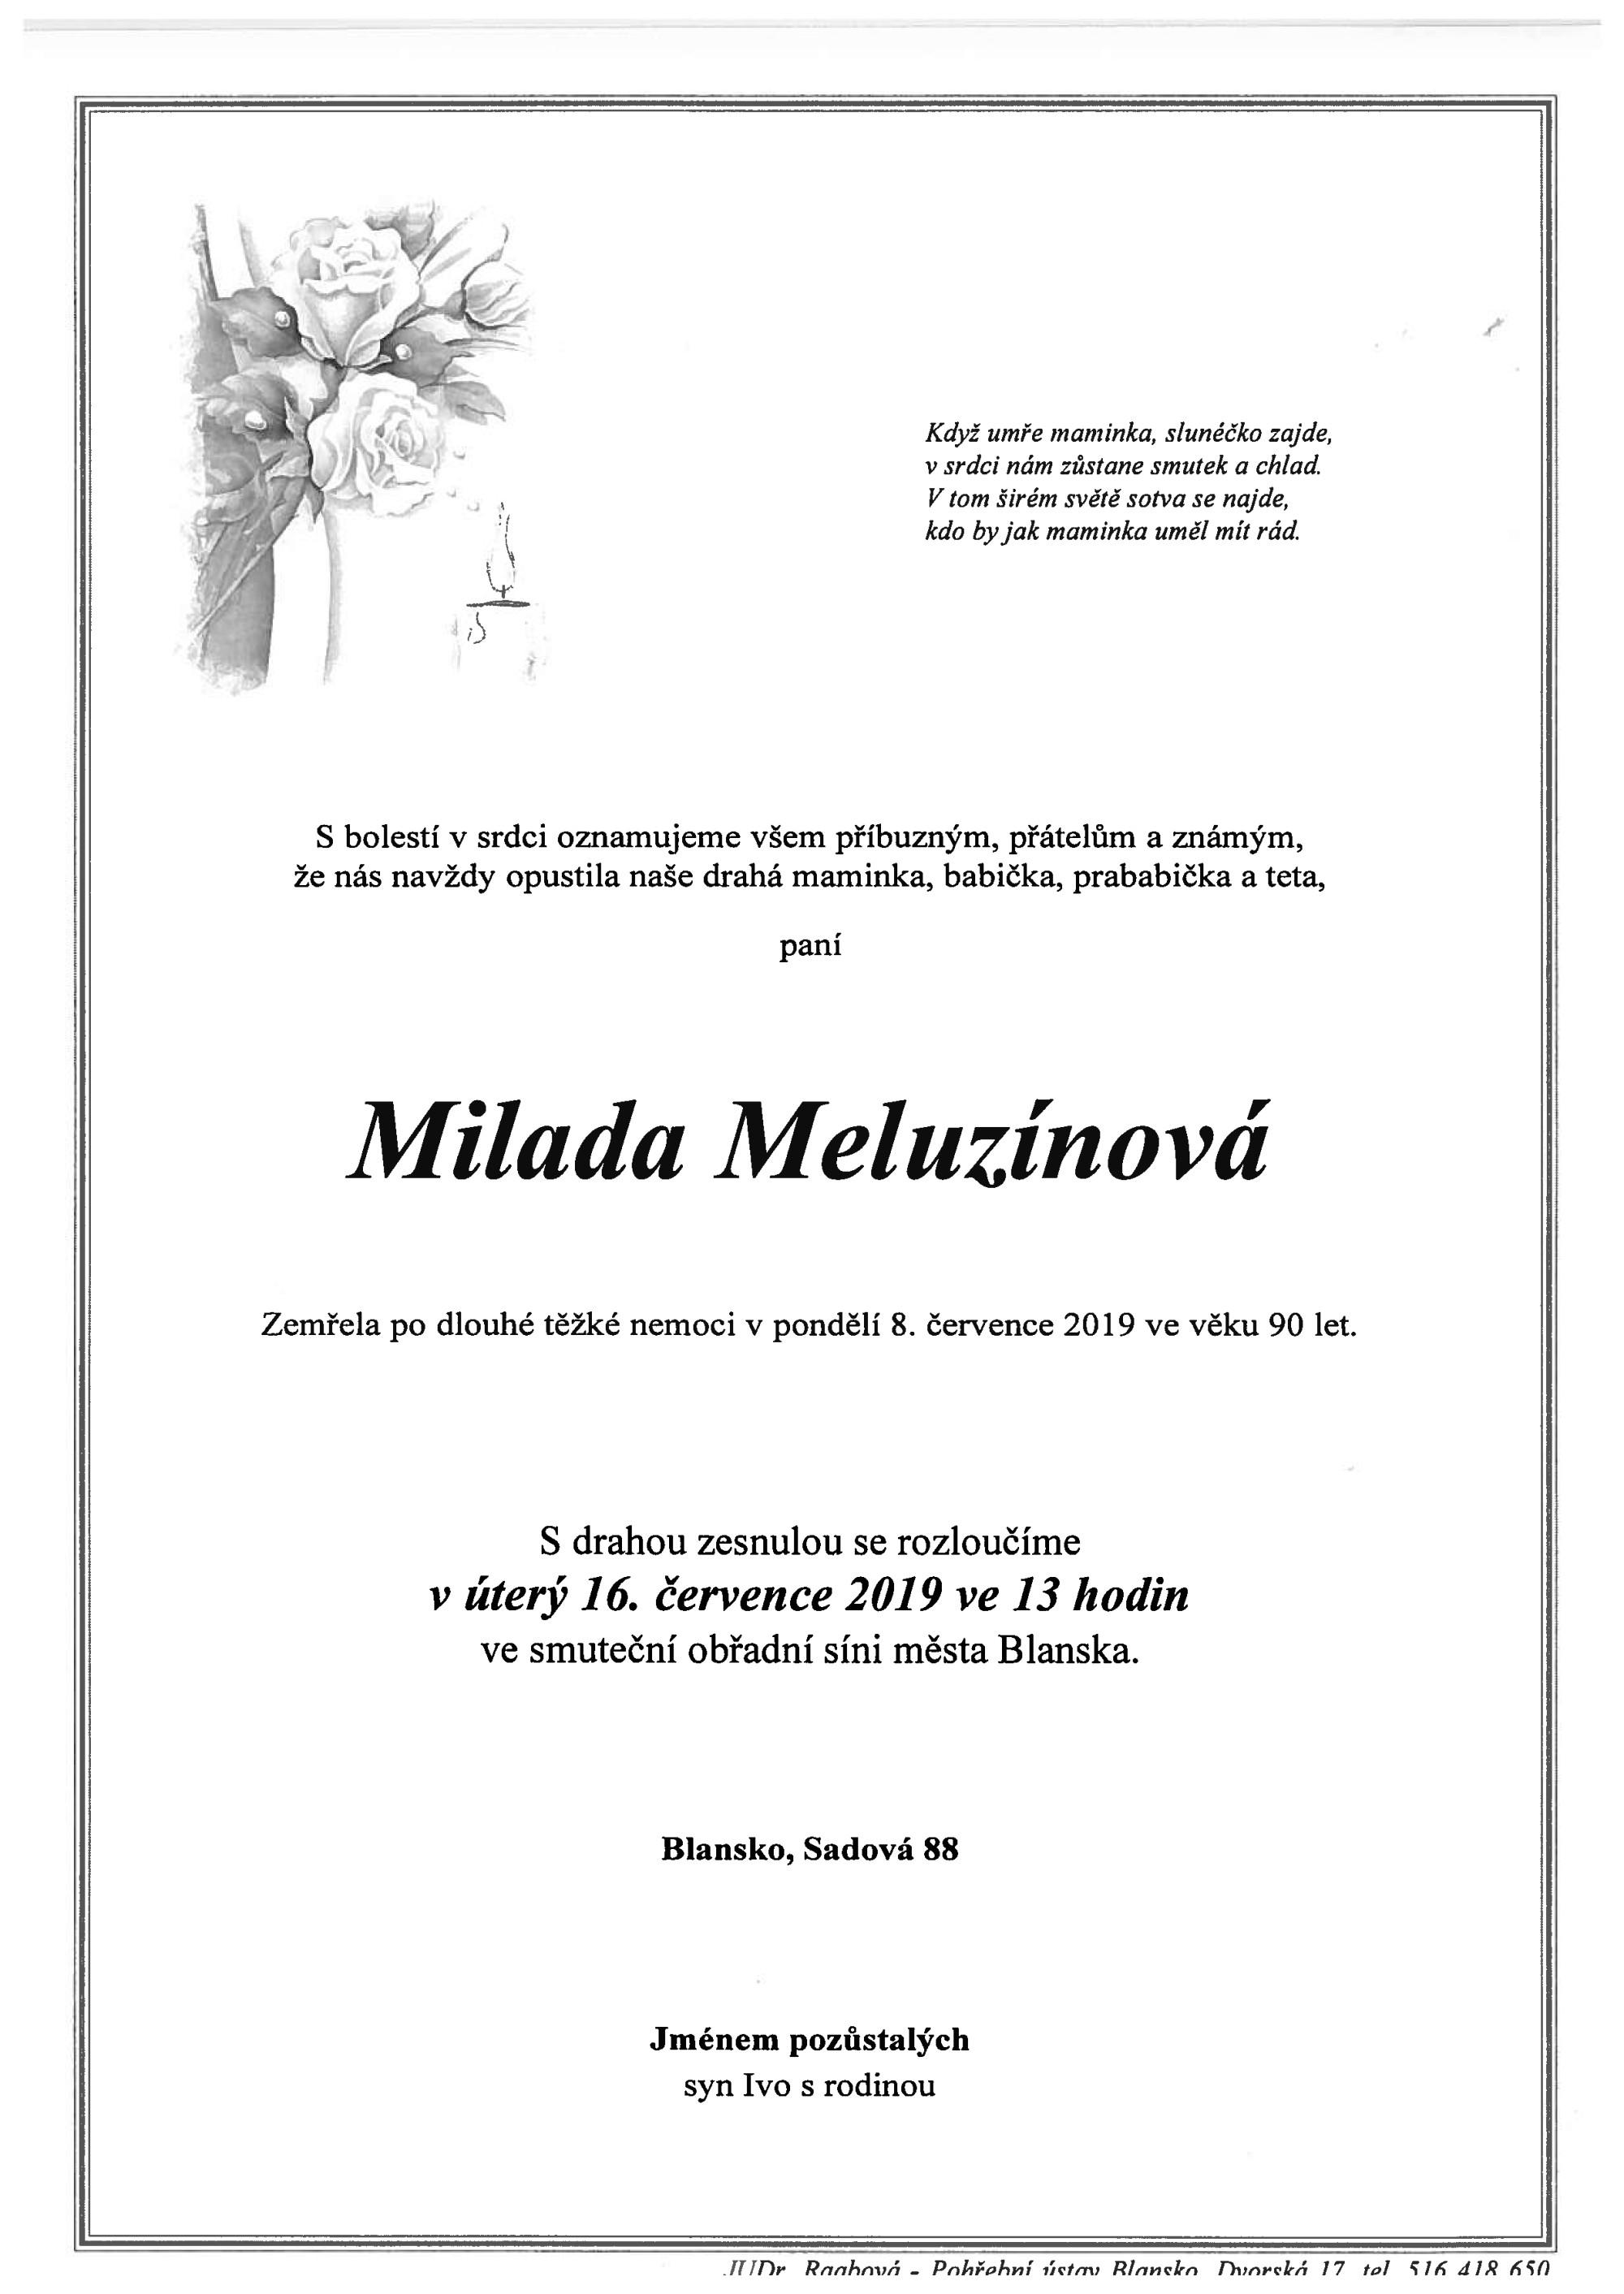 Milada Meluzínová